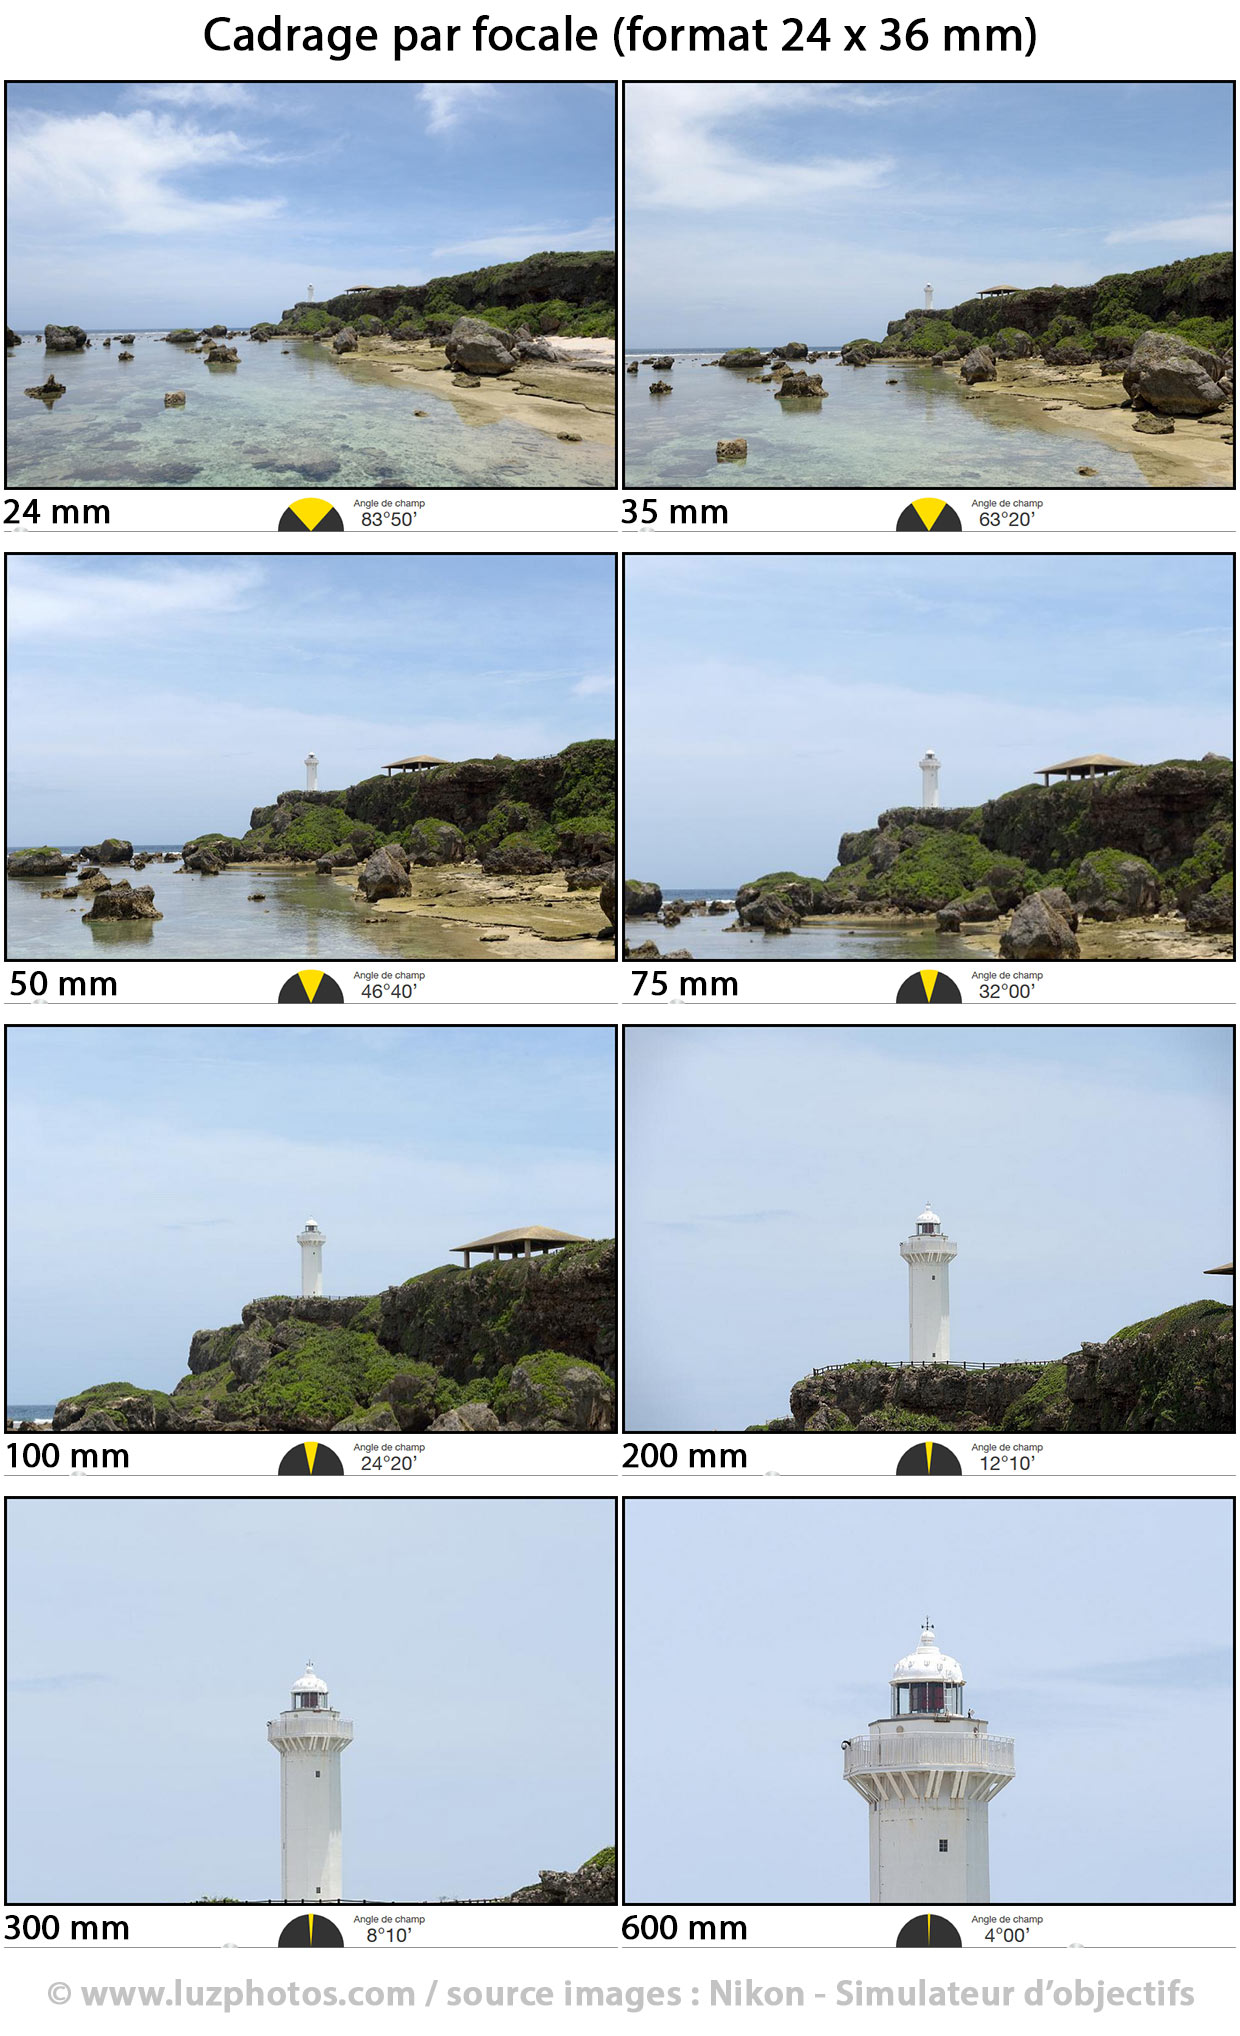 Cadrage par focale (de 24 à 600 mm) avec angle de champ correspondant (au format 24 x 36 mm)